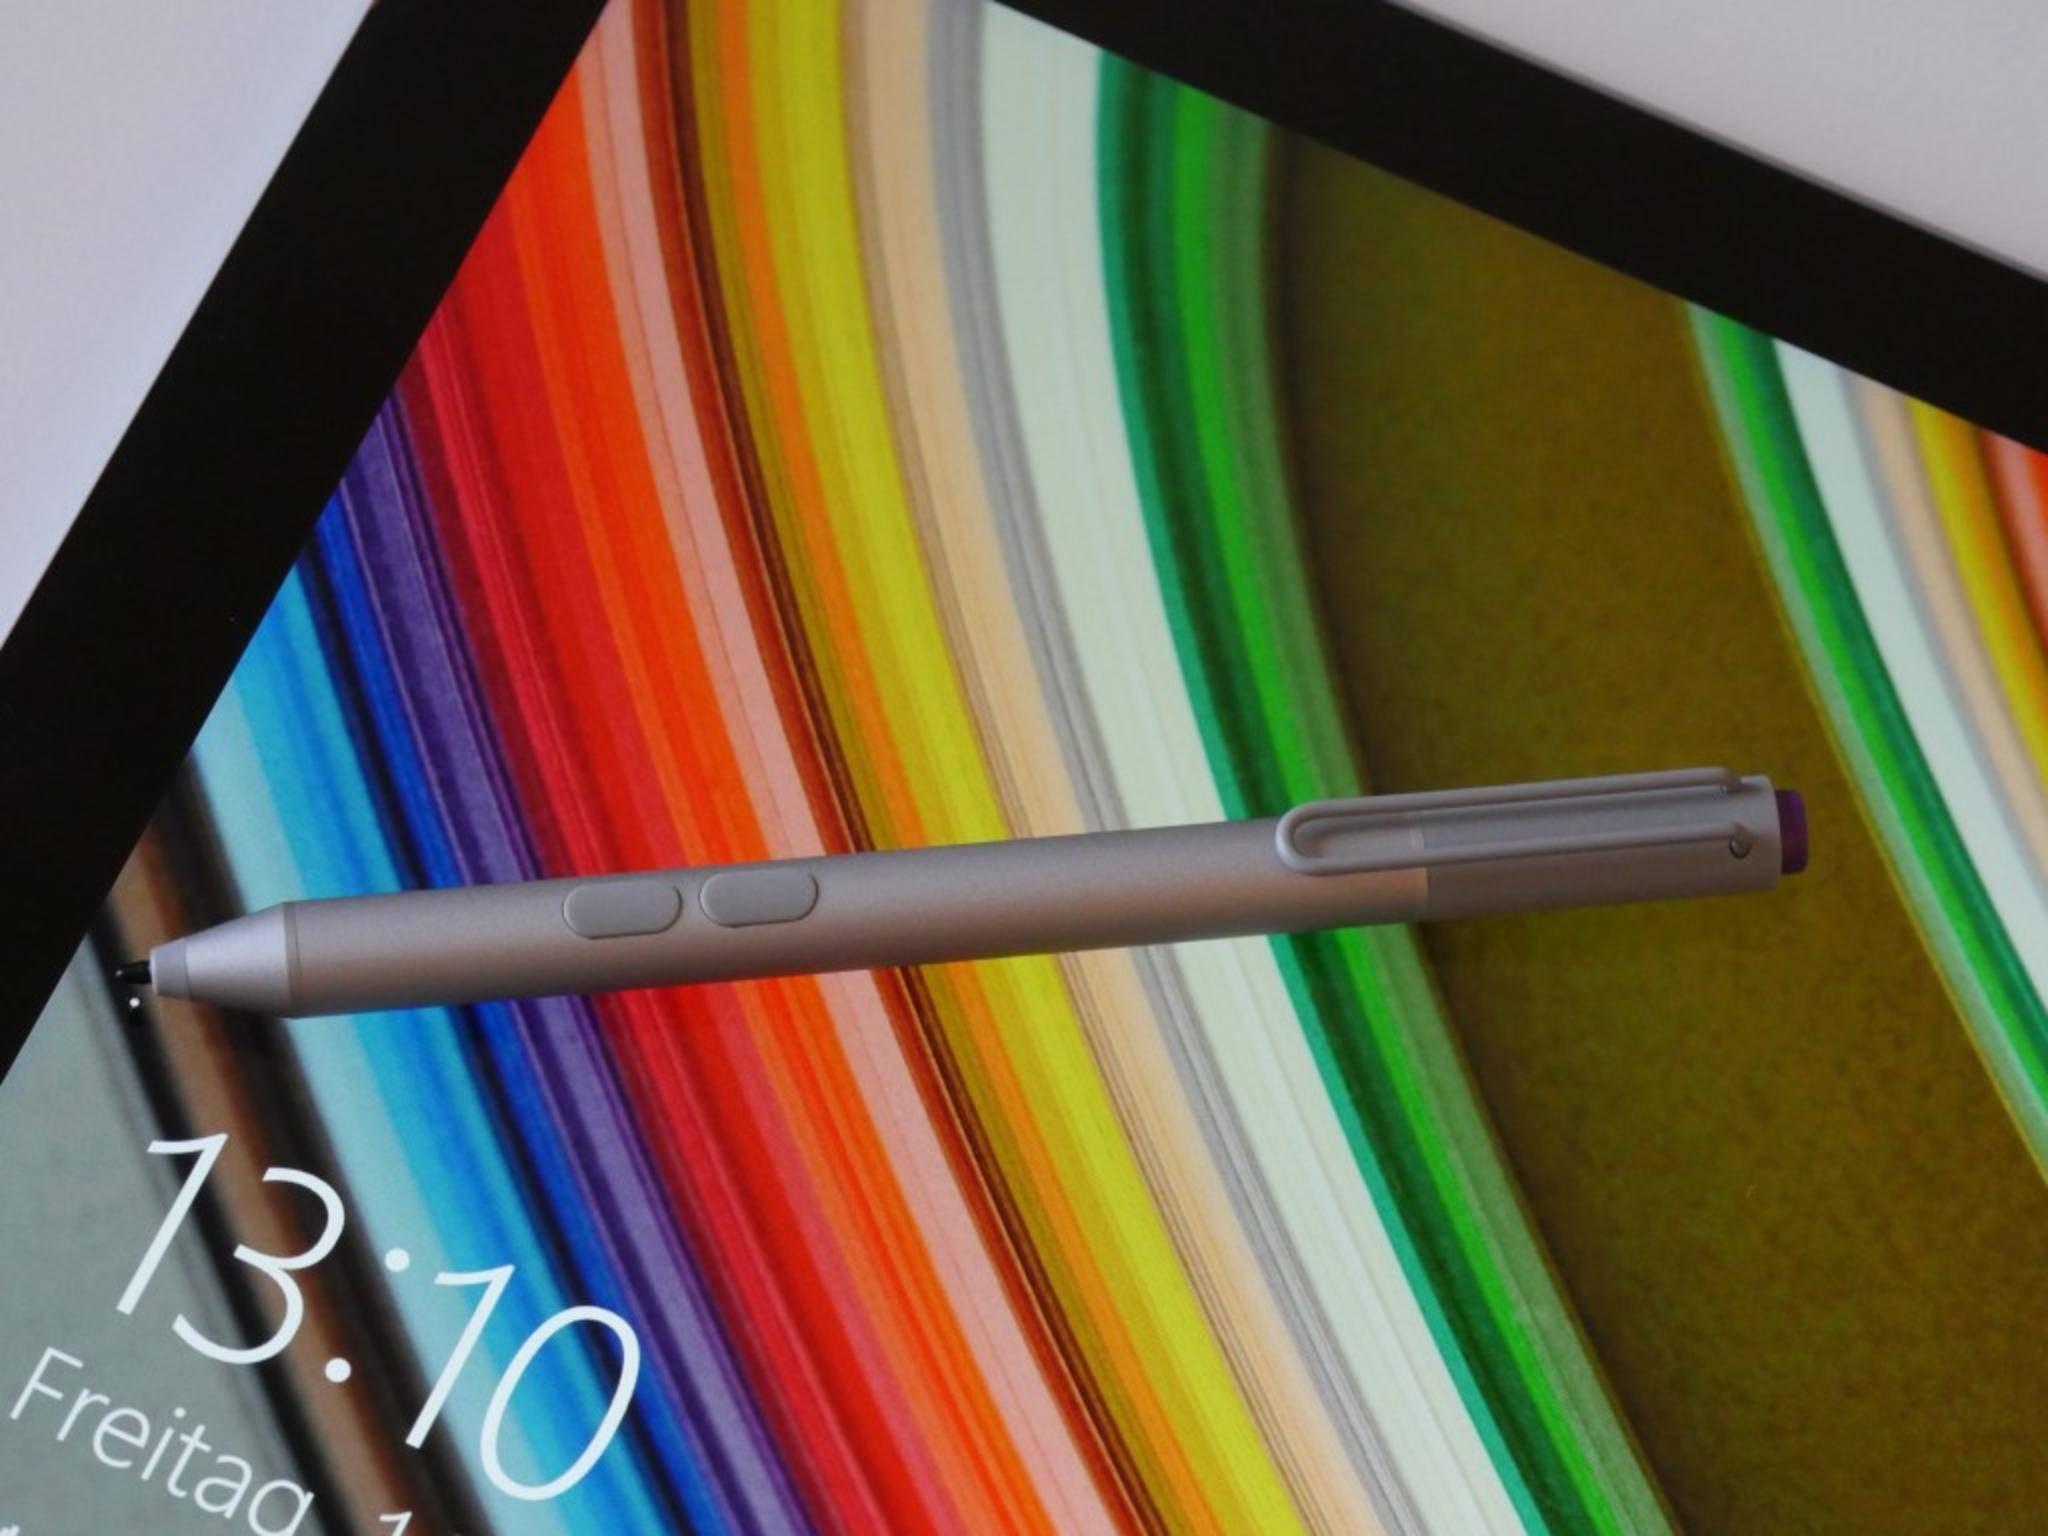 Das Surface Pro 3 ist eine Mischung aus Tablet und Notebook.